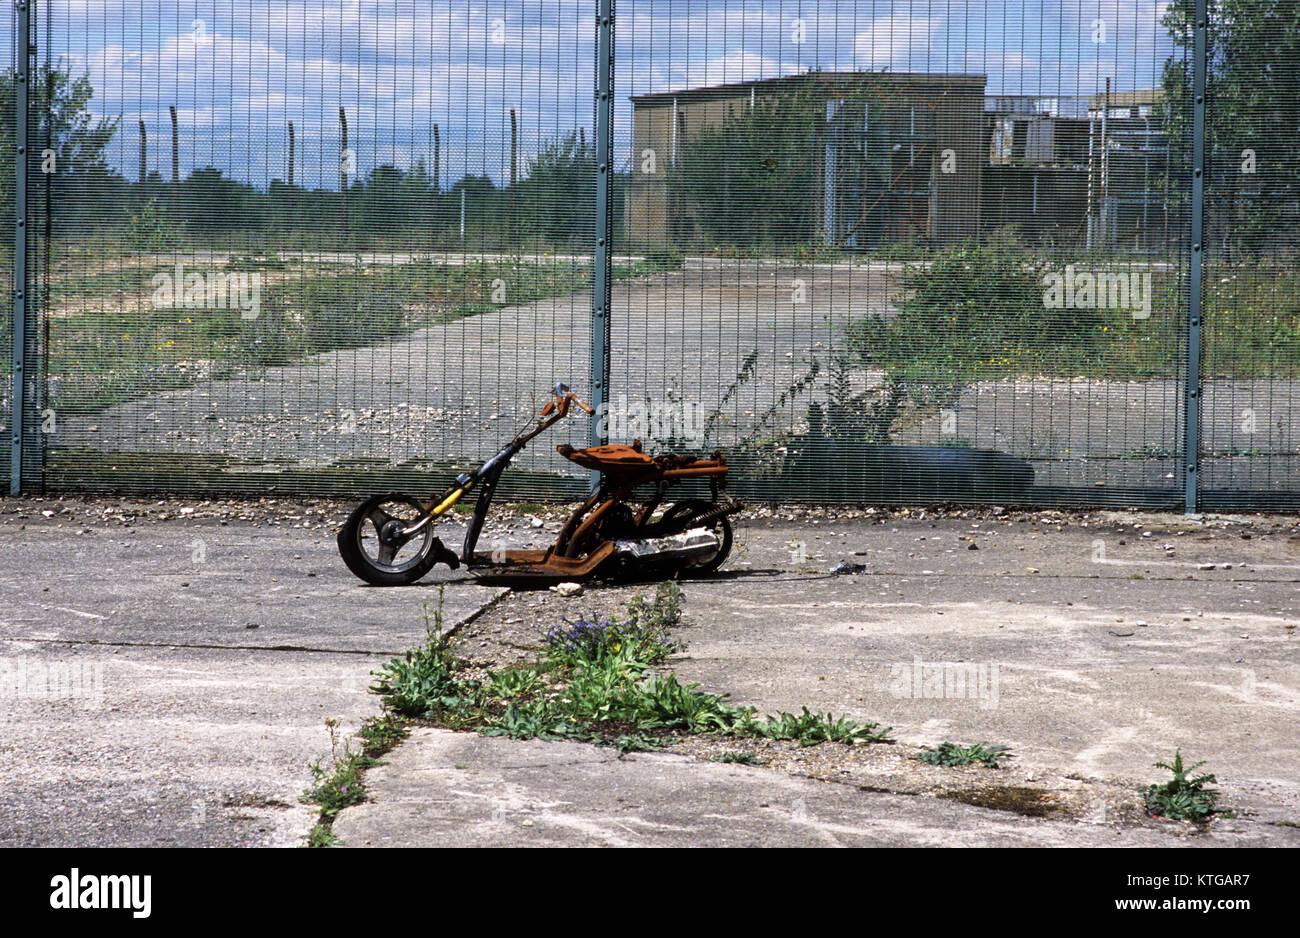 L'abandon de la base aérienne Greenham Common, Berkshire, Royaume-Uni, 2013 Photo Stock